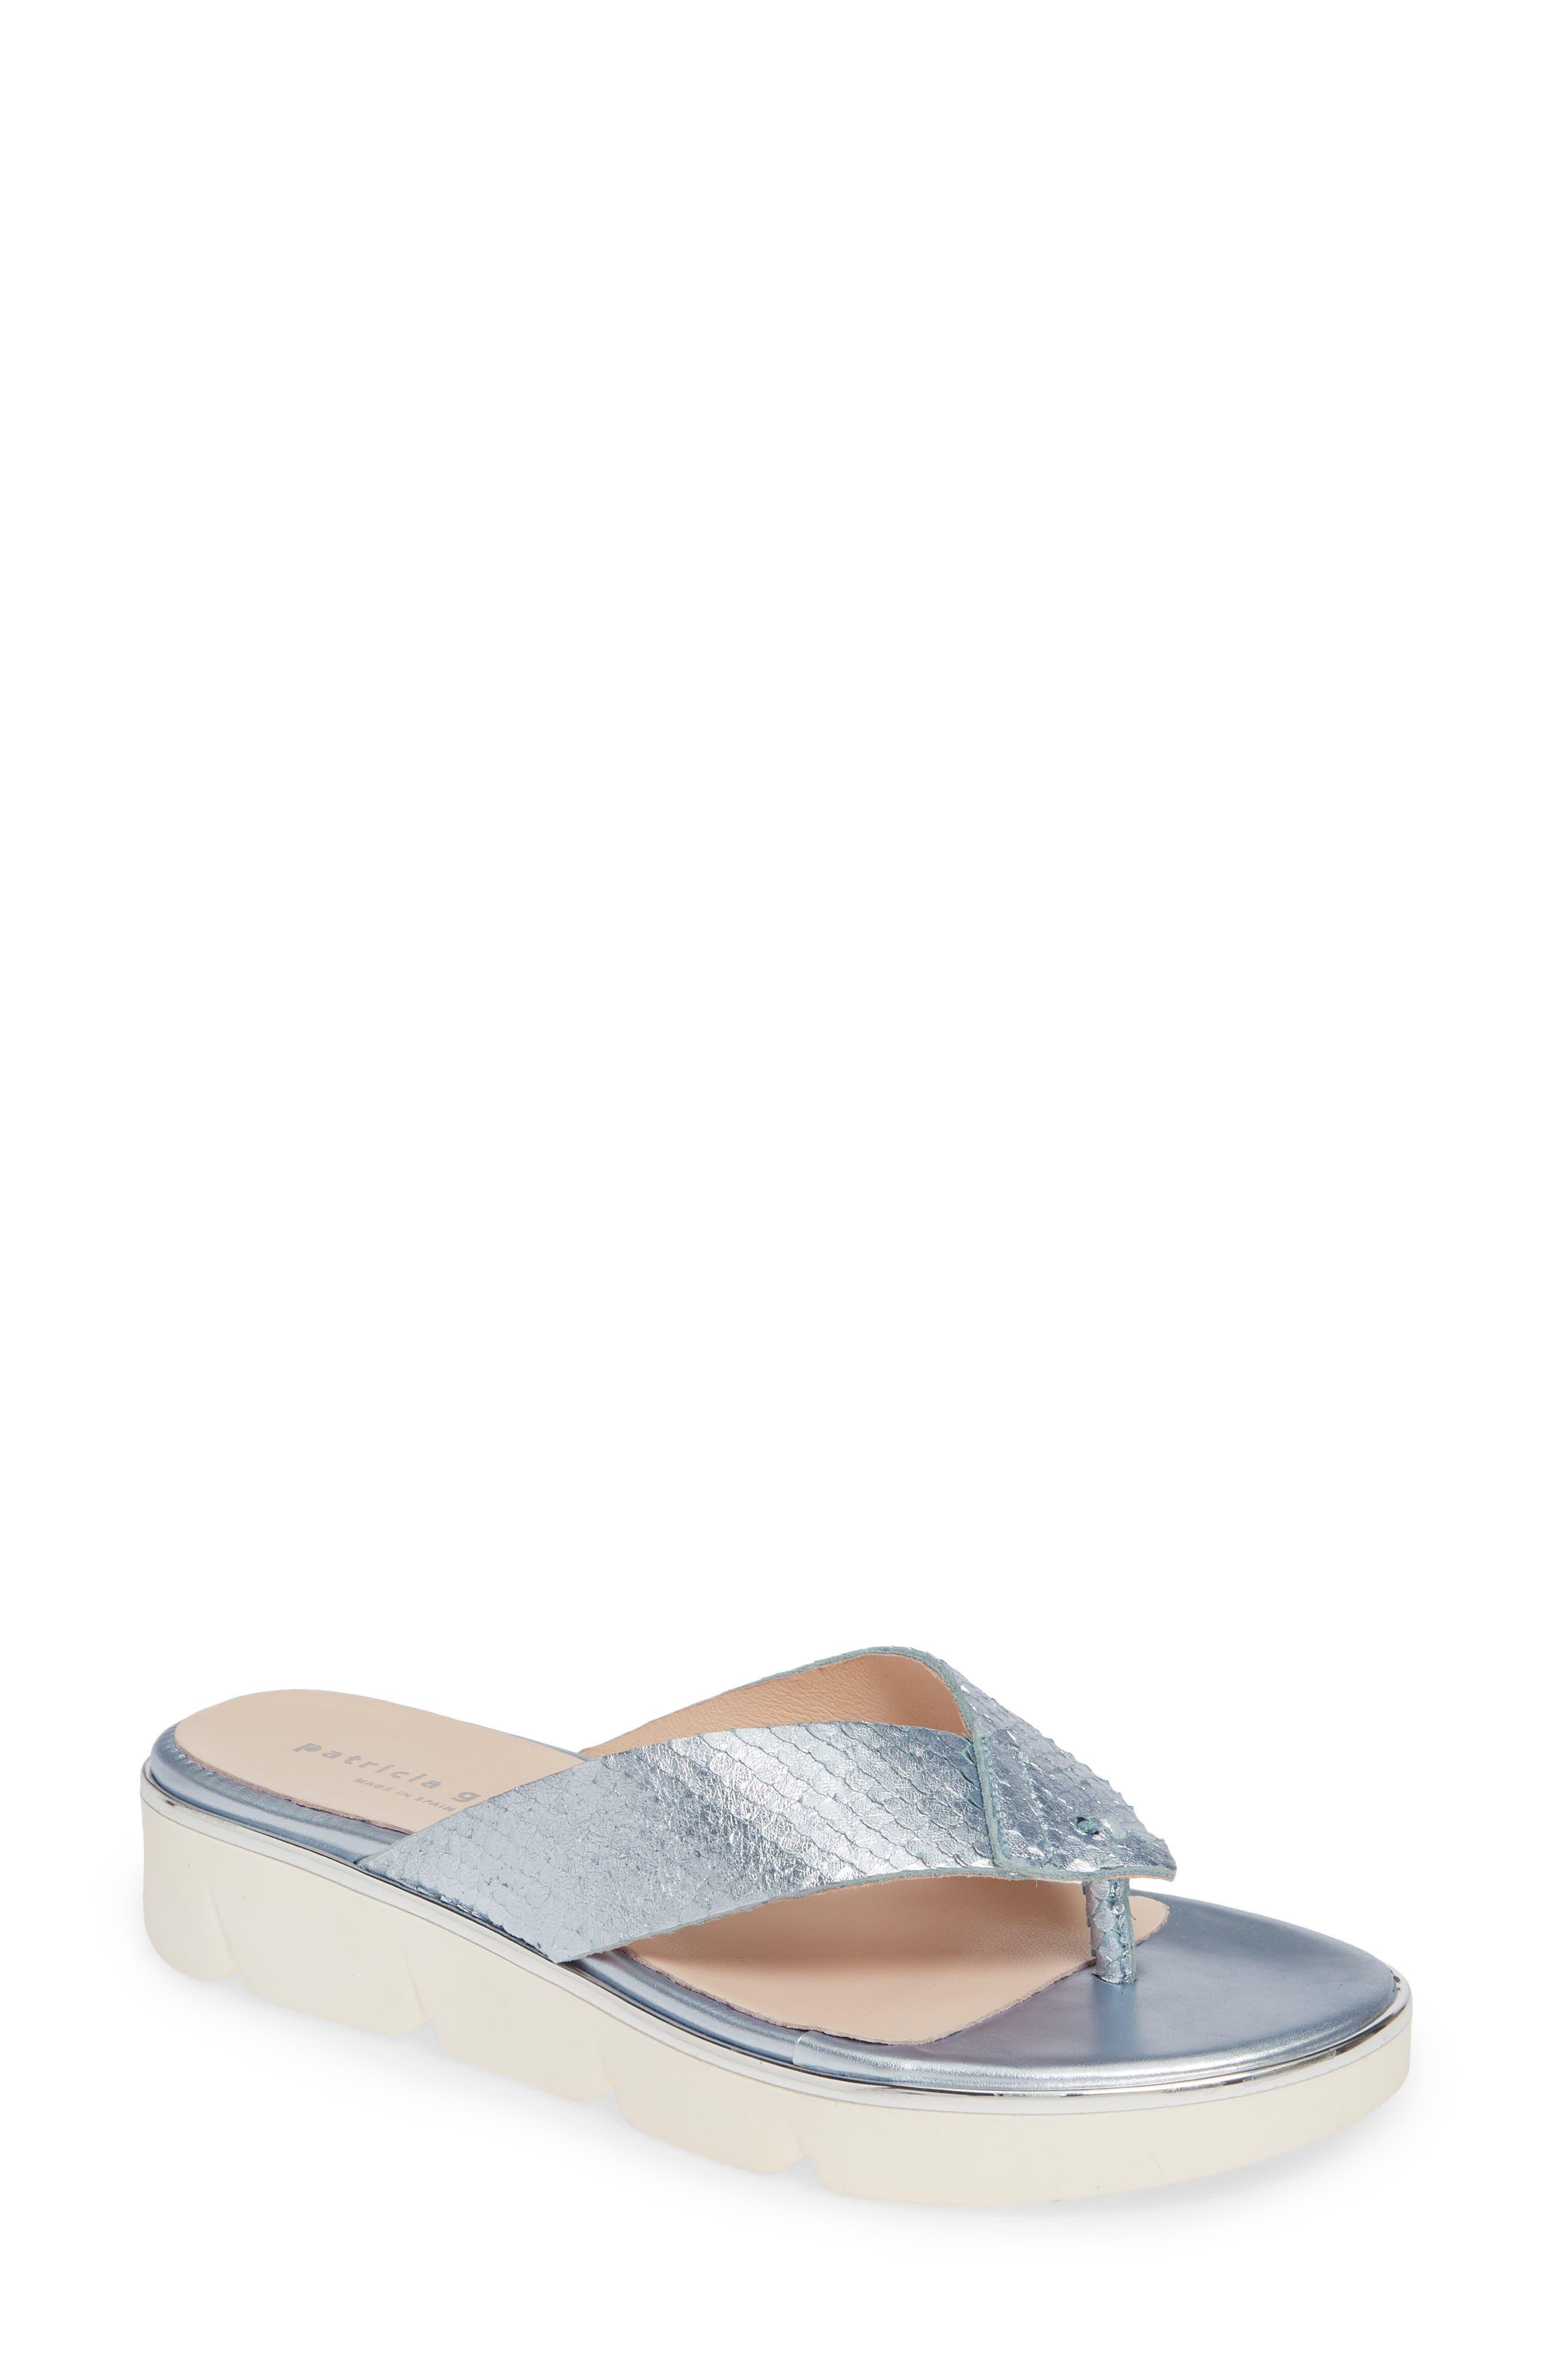 Patricia Green Casablanca Flip Flop, Blue